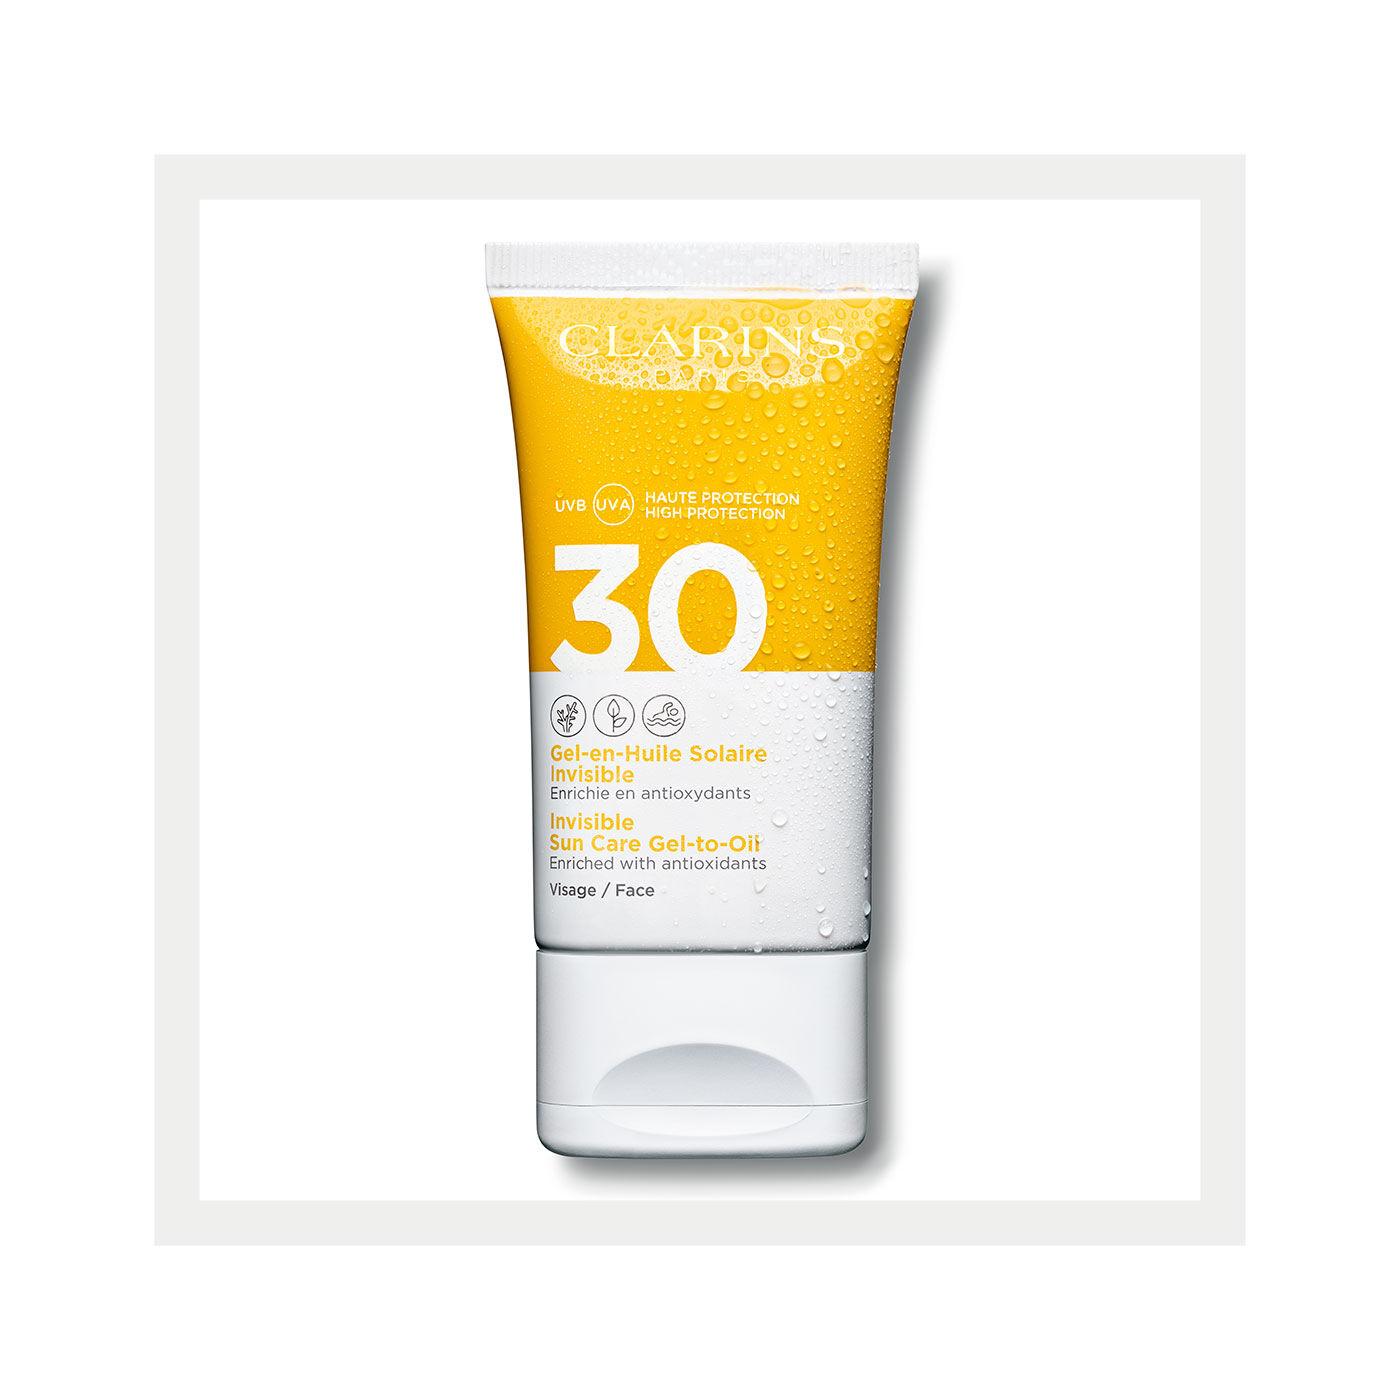 Transparenter Öl-in-Gel Sonnenschutz für das Gesicht UVA/UVB 30